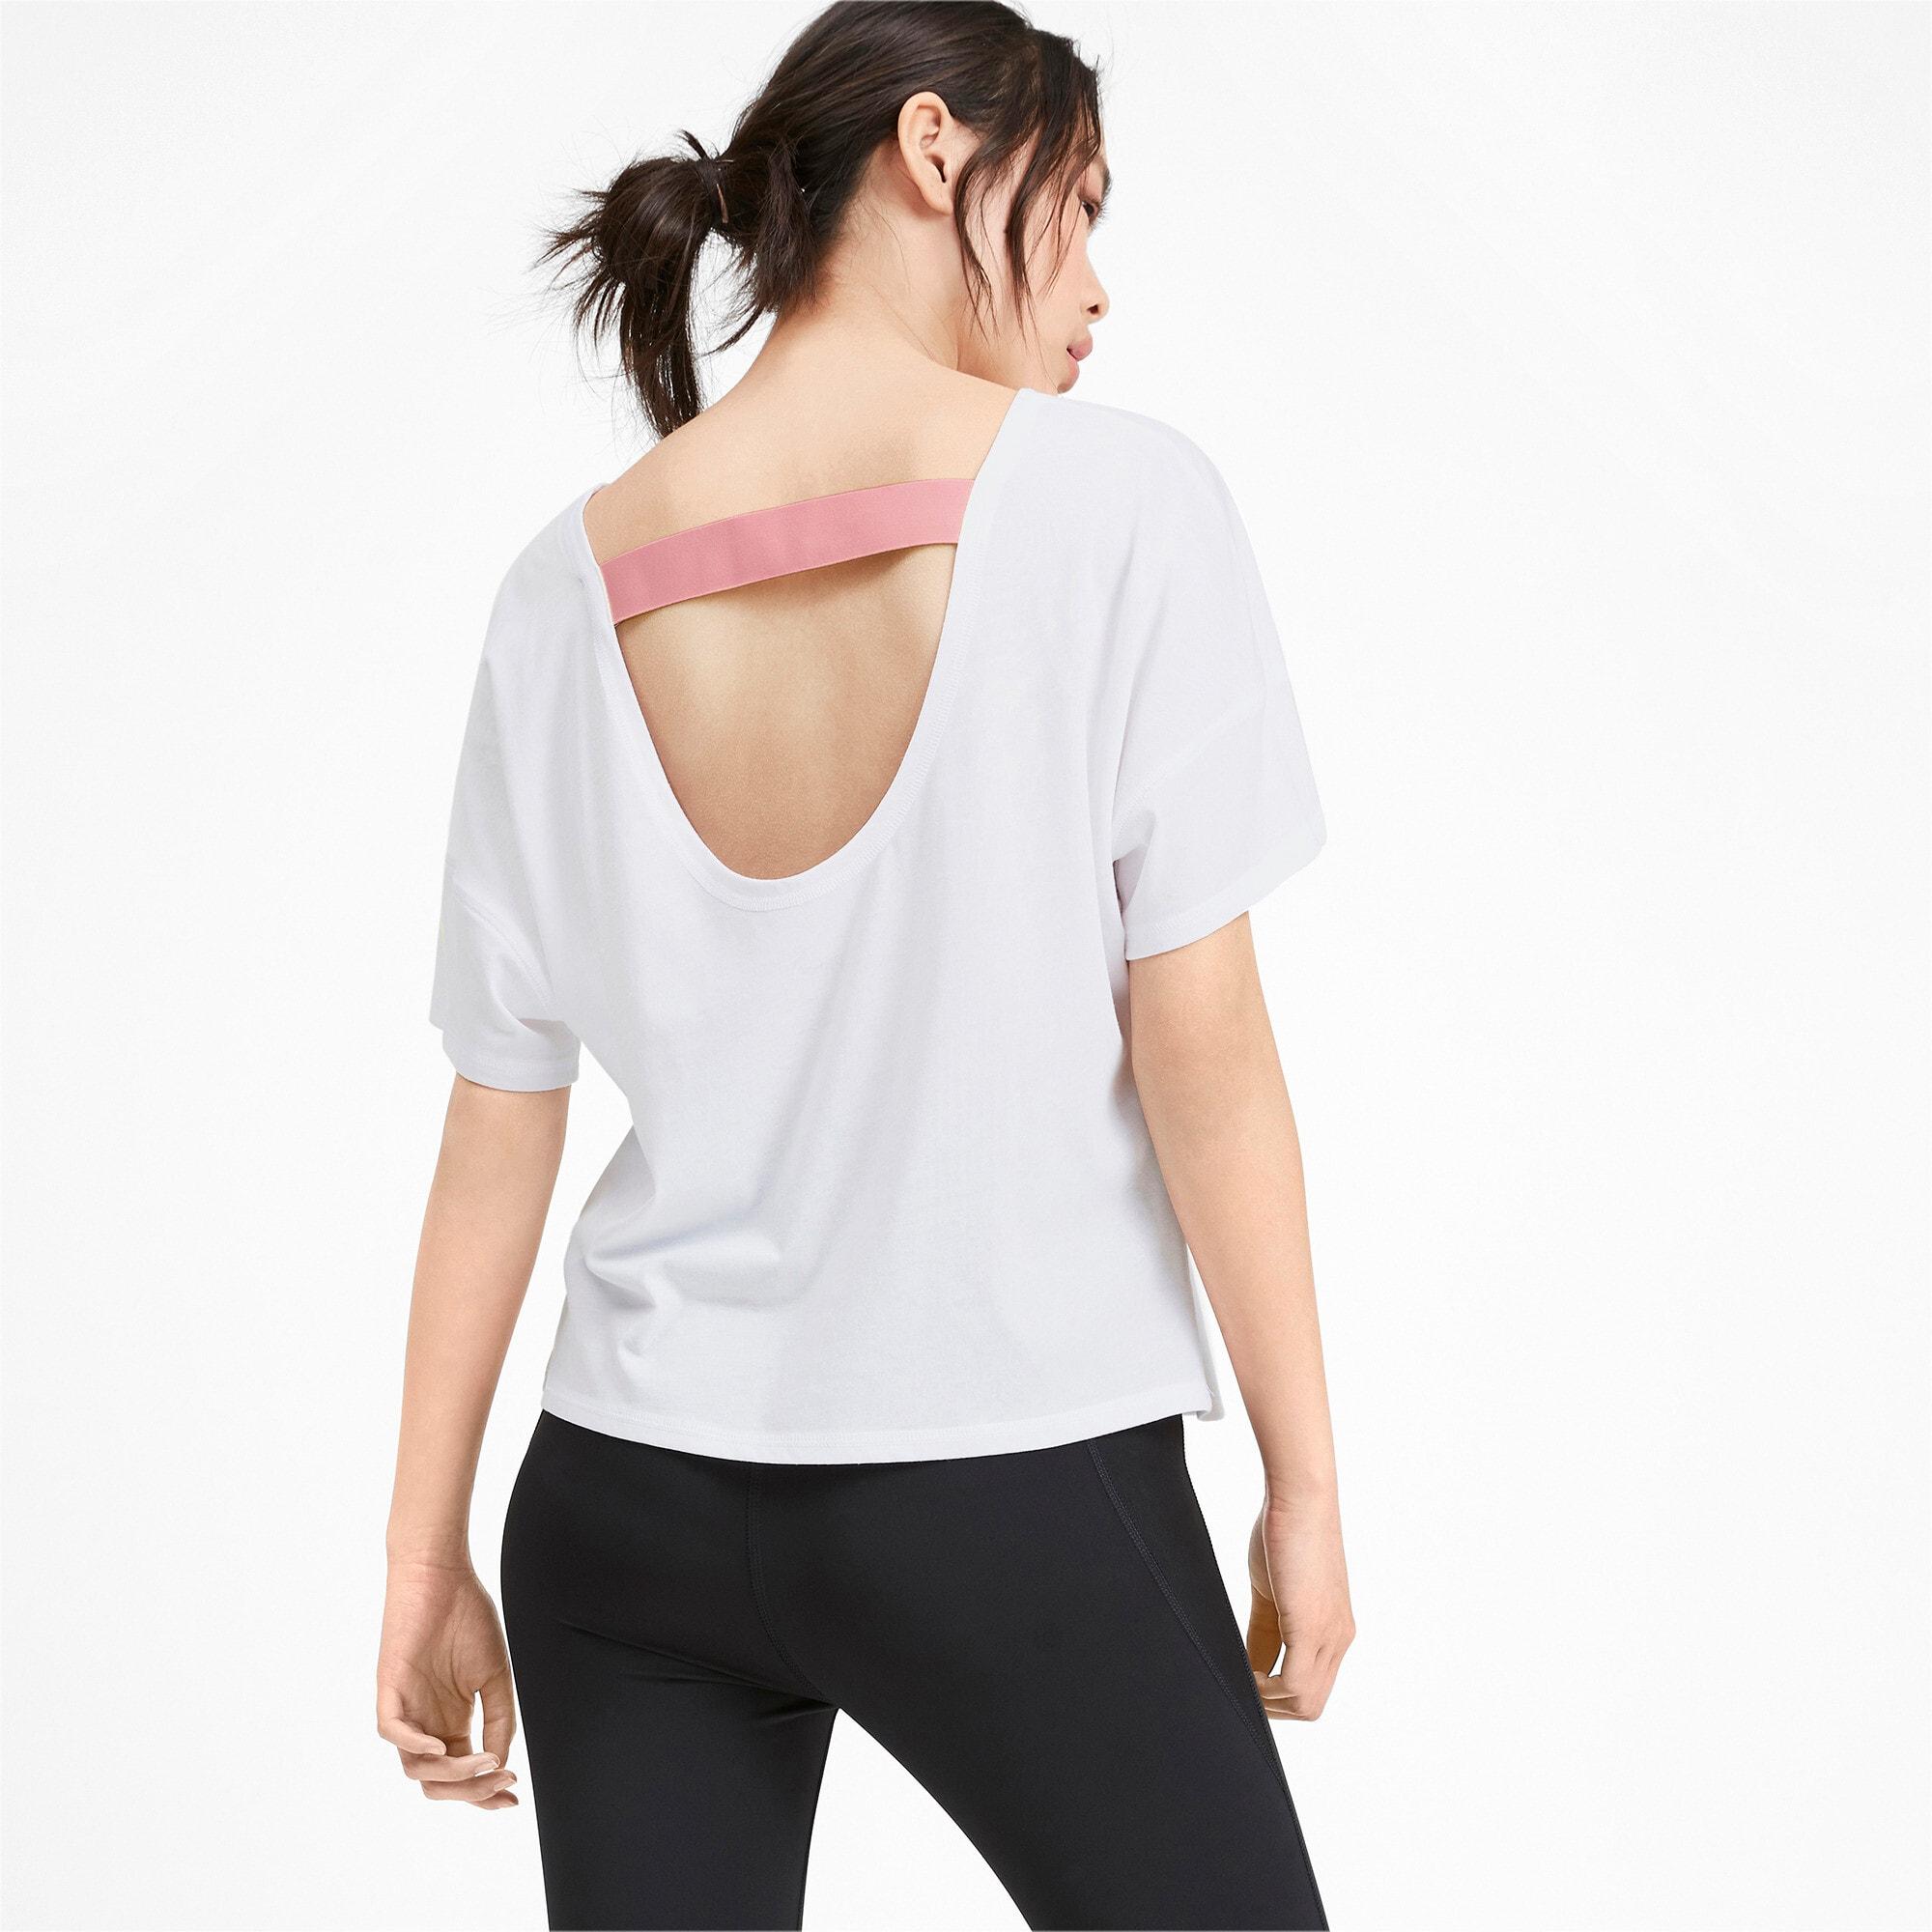 Thumbnail 2 of フィール イット SS ウィメンズ トレーニング Tシャツ 半袖, Puma White, medium-JPN